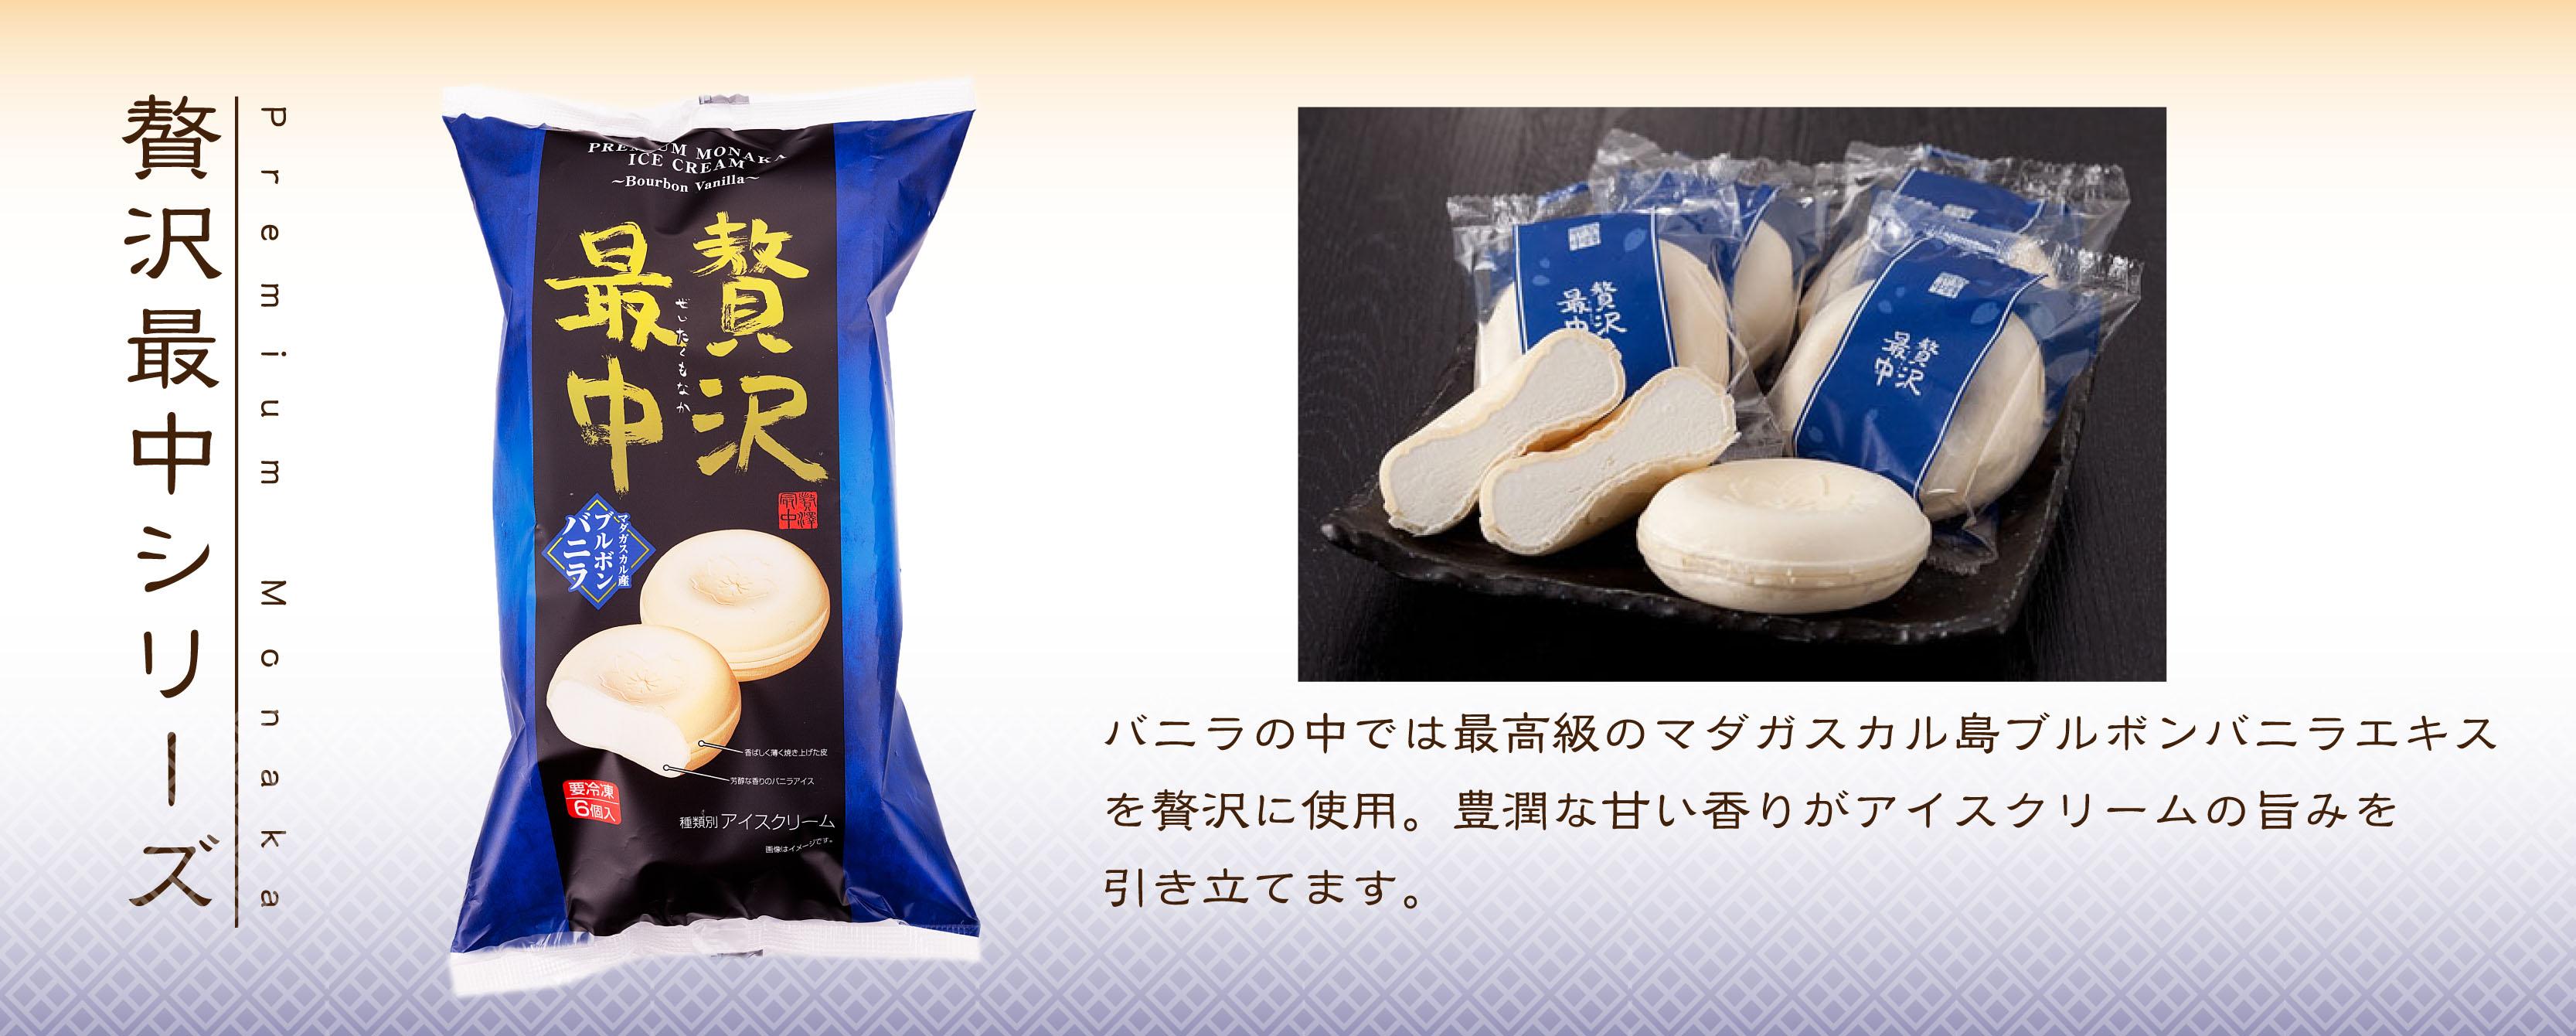 贅沢最中~マルチパック(ゴルゴンゾーラチーズ&はちみつ)